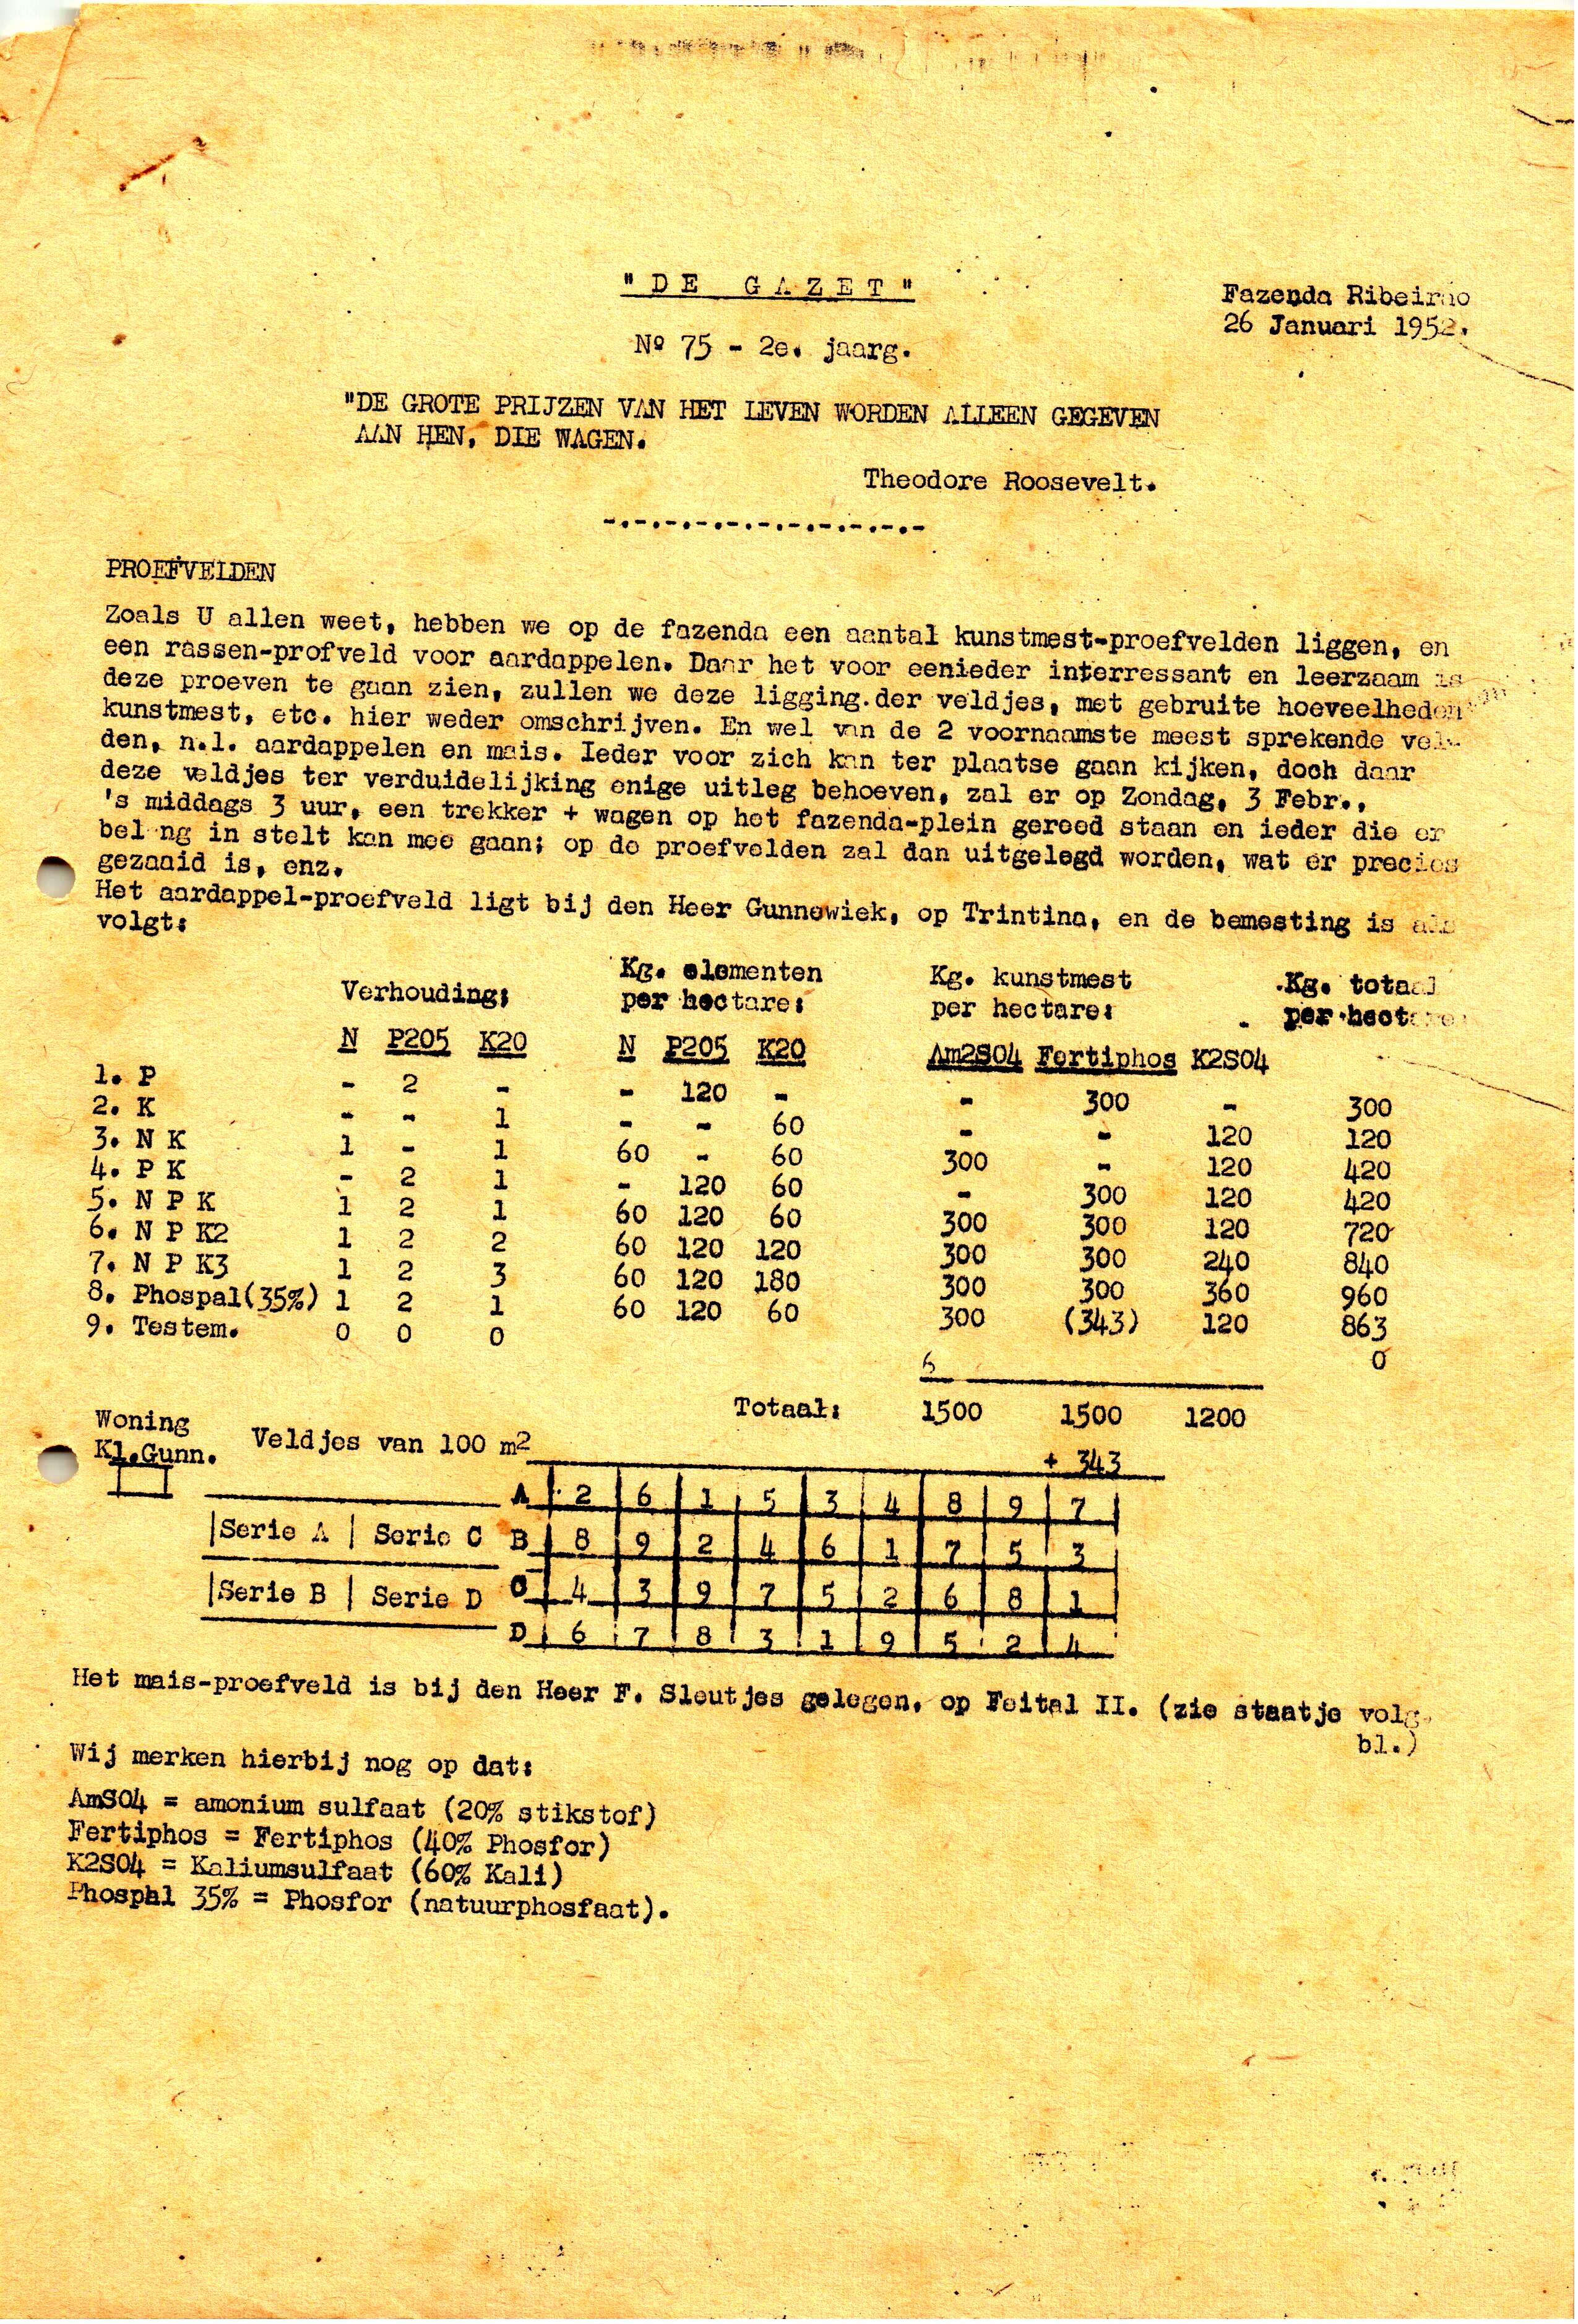 DE GAZET N°75 - 2e JRG